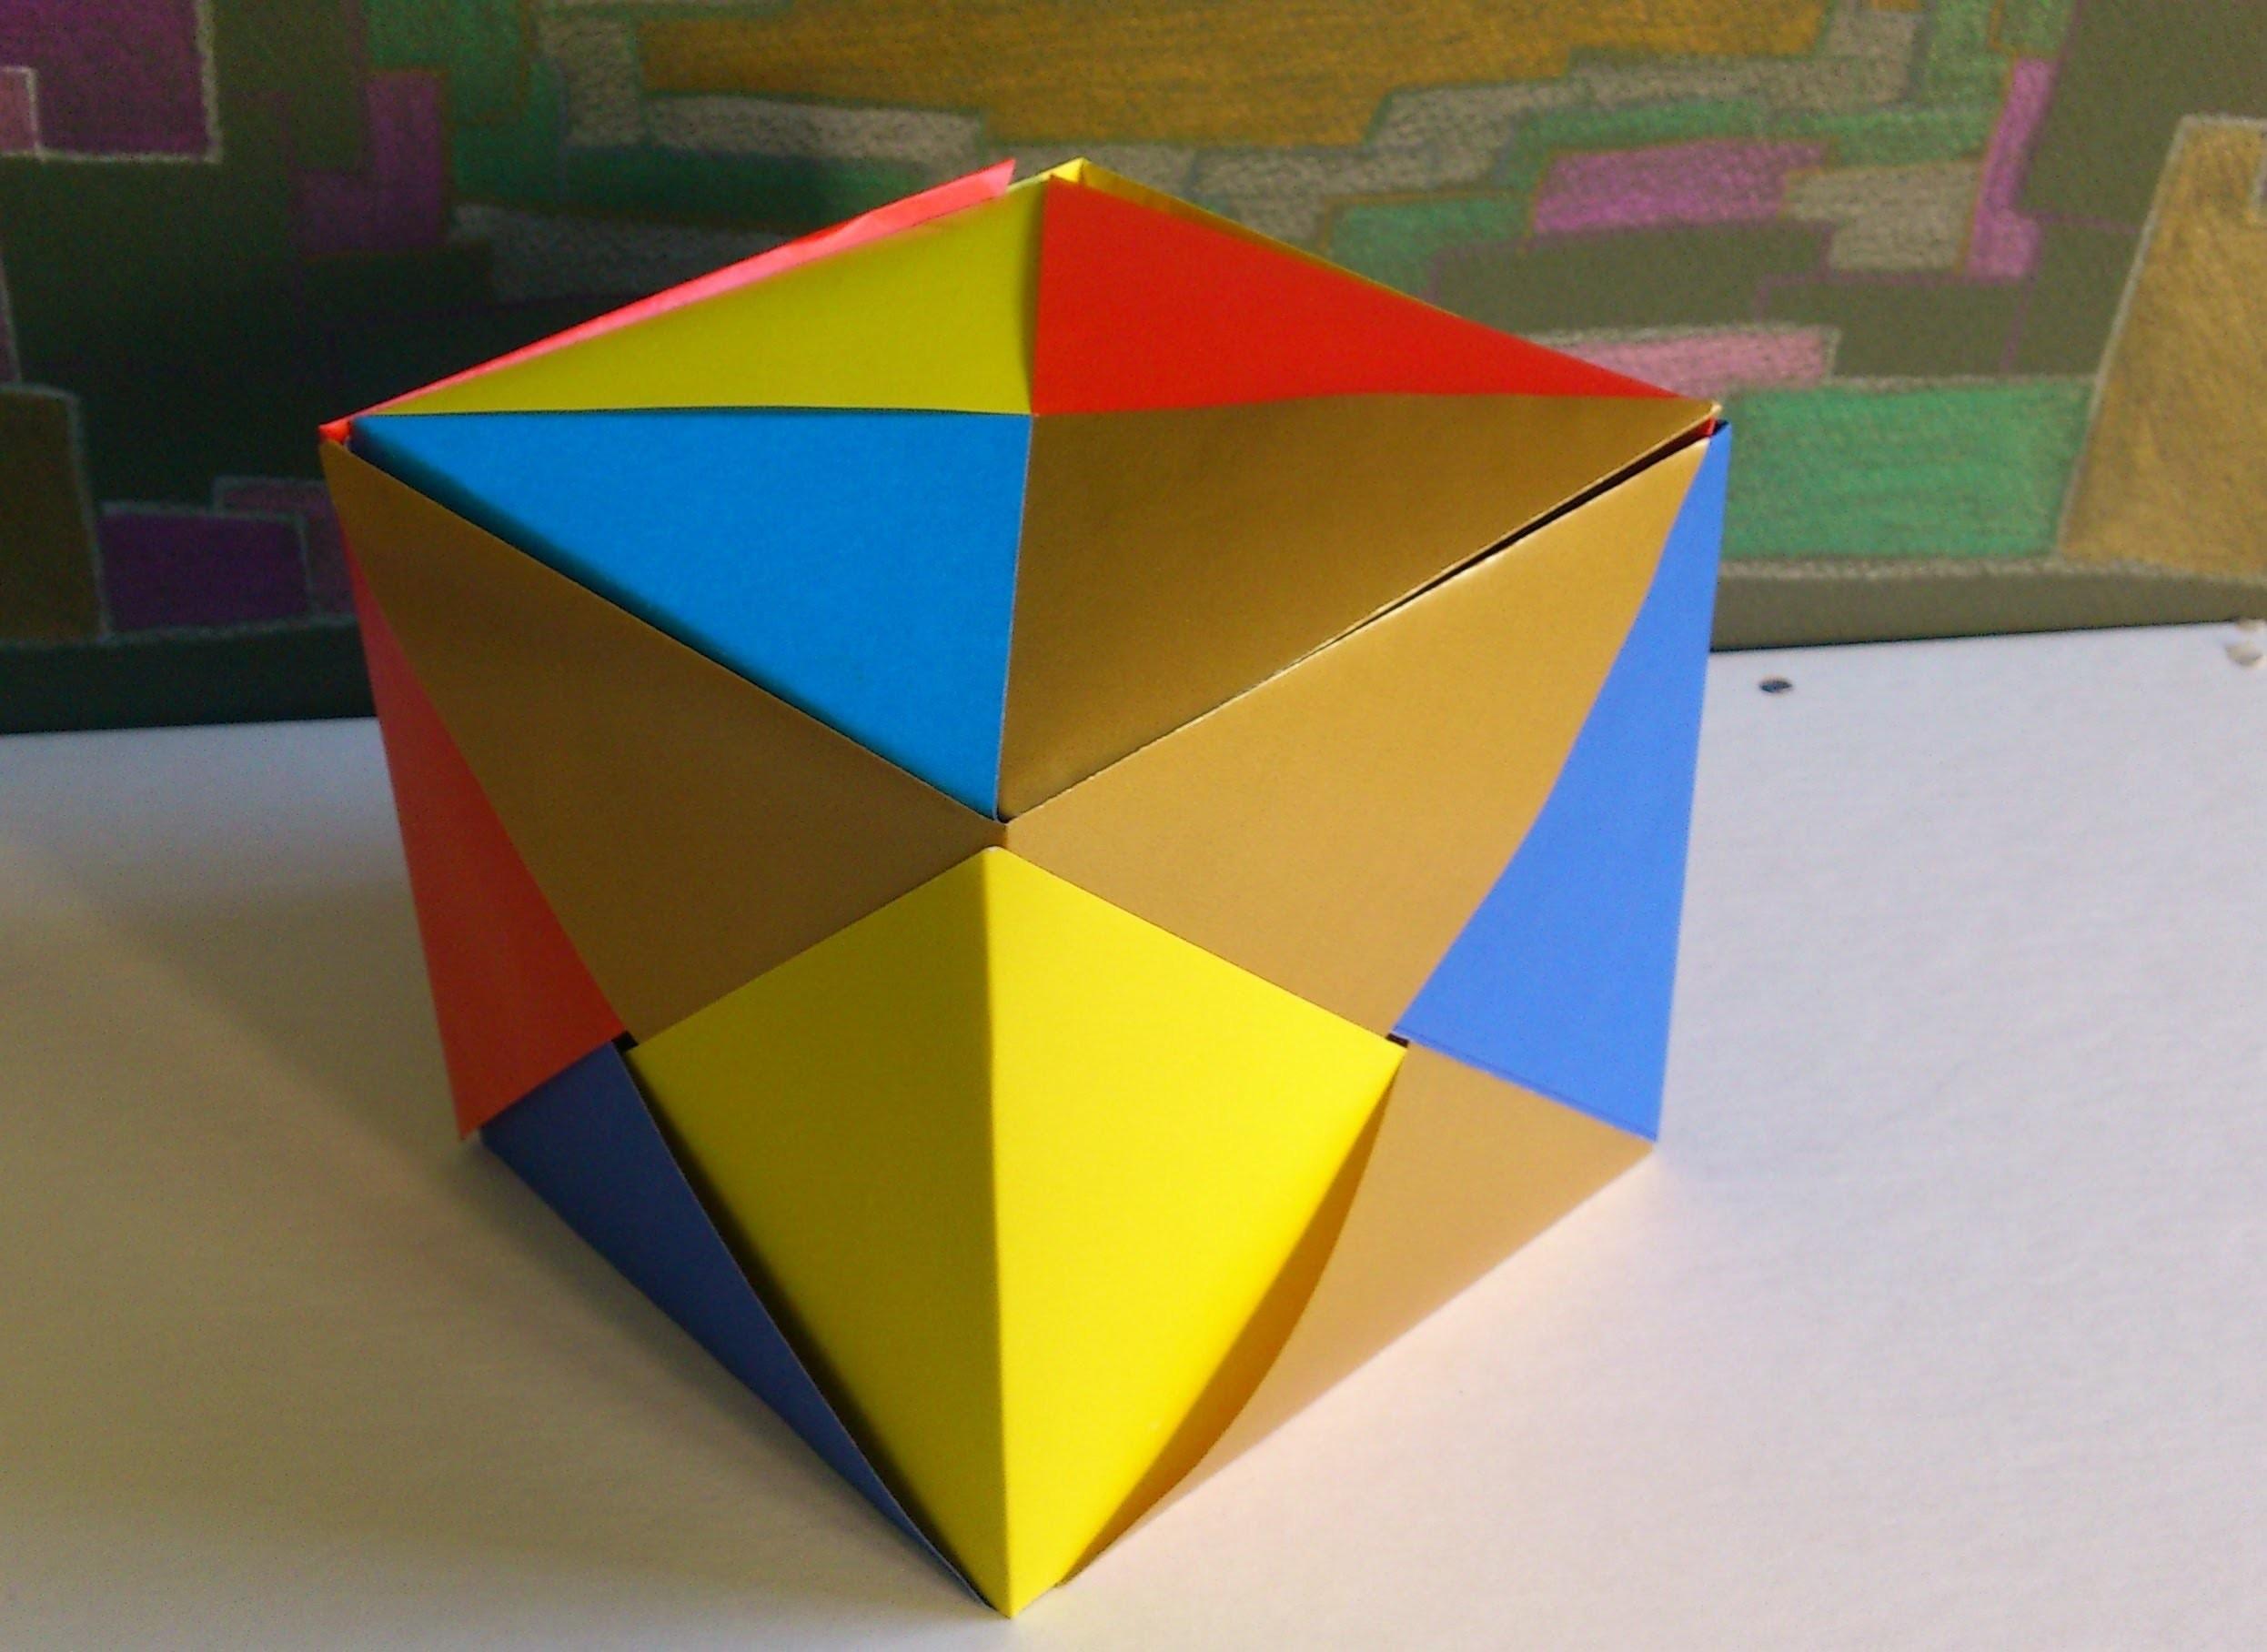 Como fazer uma Caixa, Cubo de Origami - How to make a Origami Box